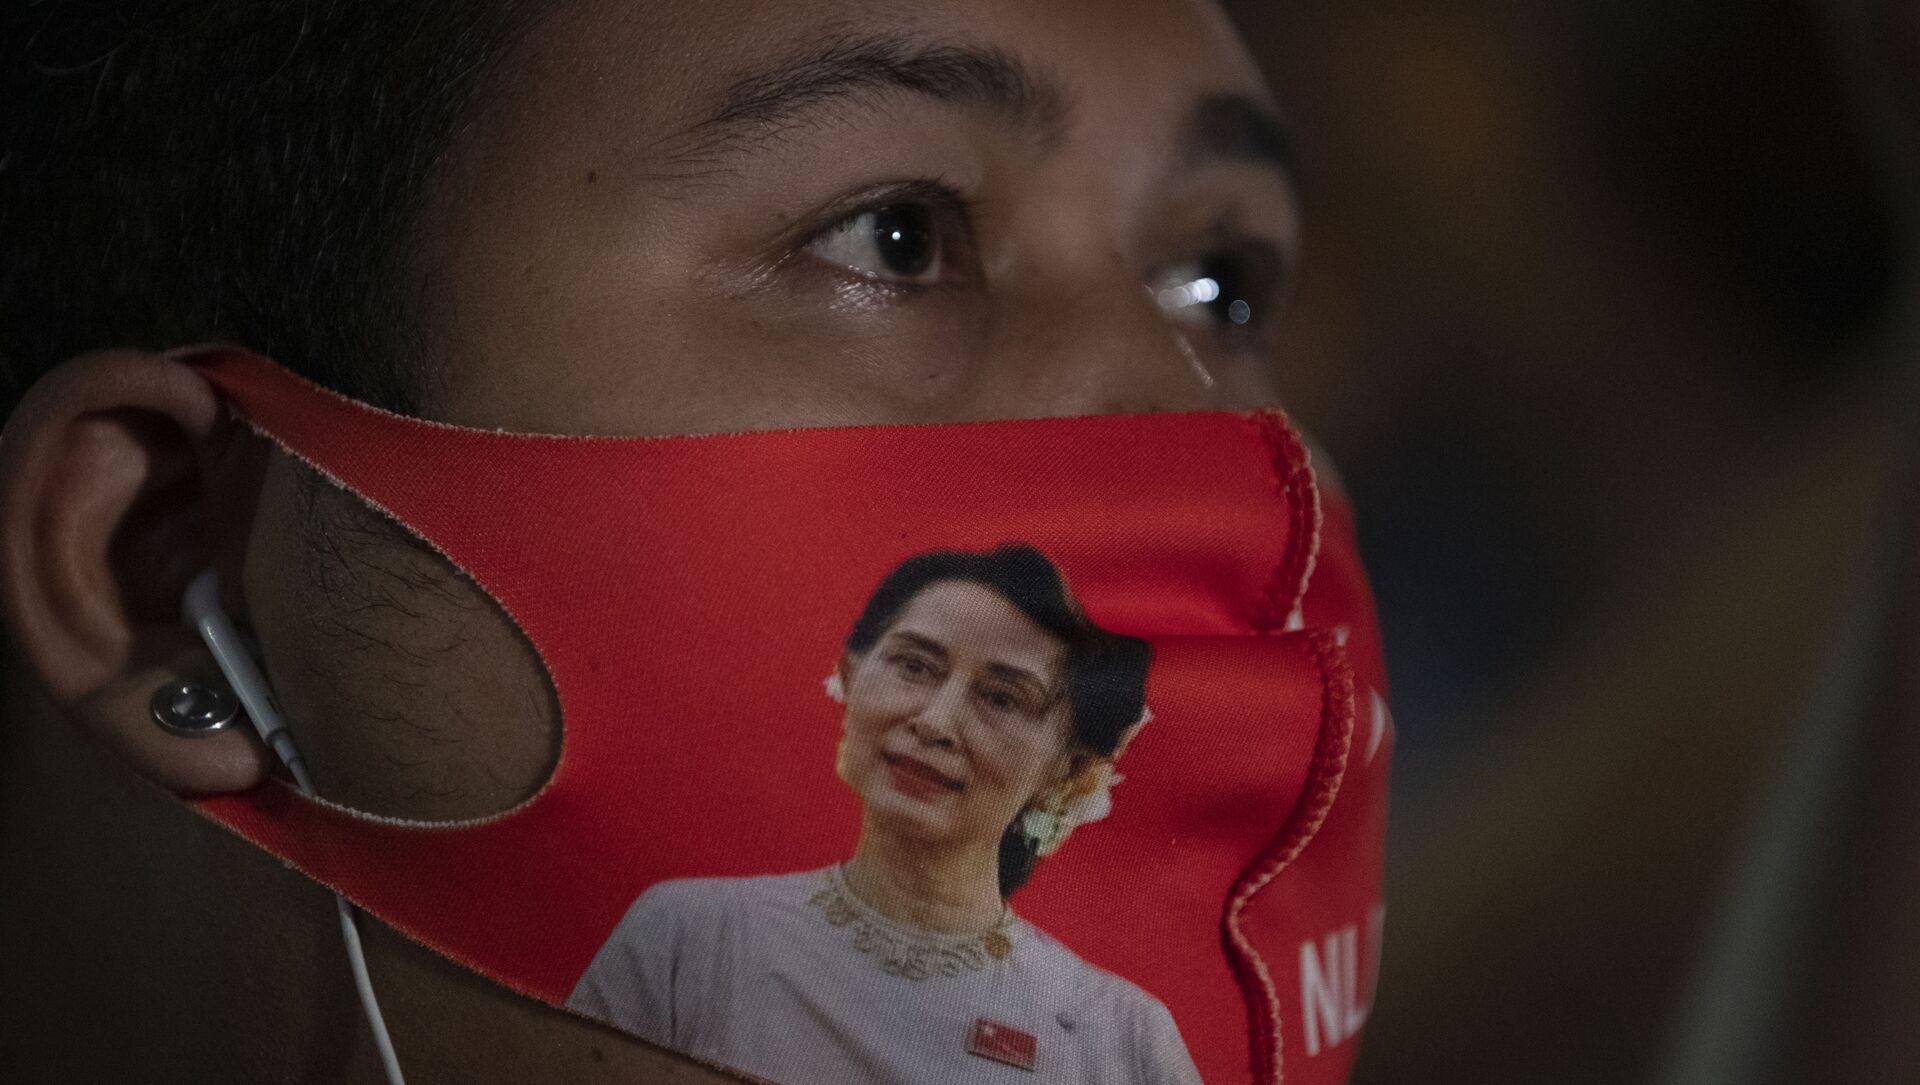 Một công dân Myanmar sống ở Thái Lan đeo khẩu trang có hình nhà lãnh đạo Myanmar Aung San Suu Kyi trong cuộc biểu tình trước Đại sứ quán Myanmar ở Bangkok, Thái Lan, thứ Năm, ngày 4 tháng 2 năm 2021. Quân đội tuyên bố hôm thứ Hai rằng họ sẽ nắm quyền trong một năm, cáo buộc chính phủ của bà Suu Kyi không điều tra các cáo buộc gian lận cử tri trong các cuộc bầu cử gần đây. Đảng của bà Suu Kyi đã quét sạch cuộc bỏ phiếu đó và đảng được quân đội hậu thuẫn đã làm rất kém. Ủy ban Bầu cử tiểu bang đã bác bỏ các cáo buộc. - Sputnik Việt Nam, 1920, 24.03.2021